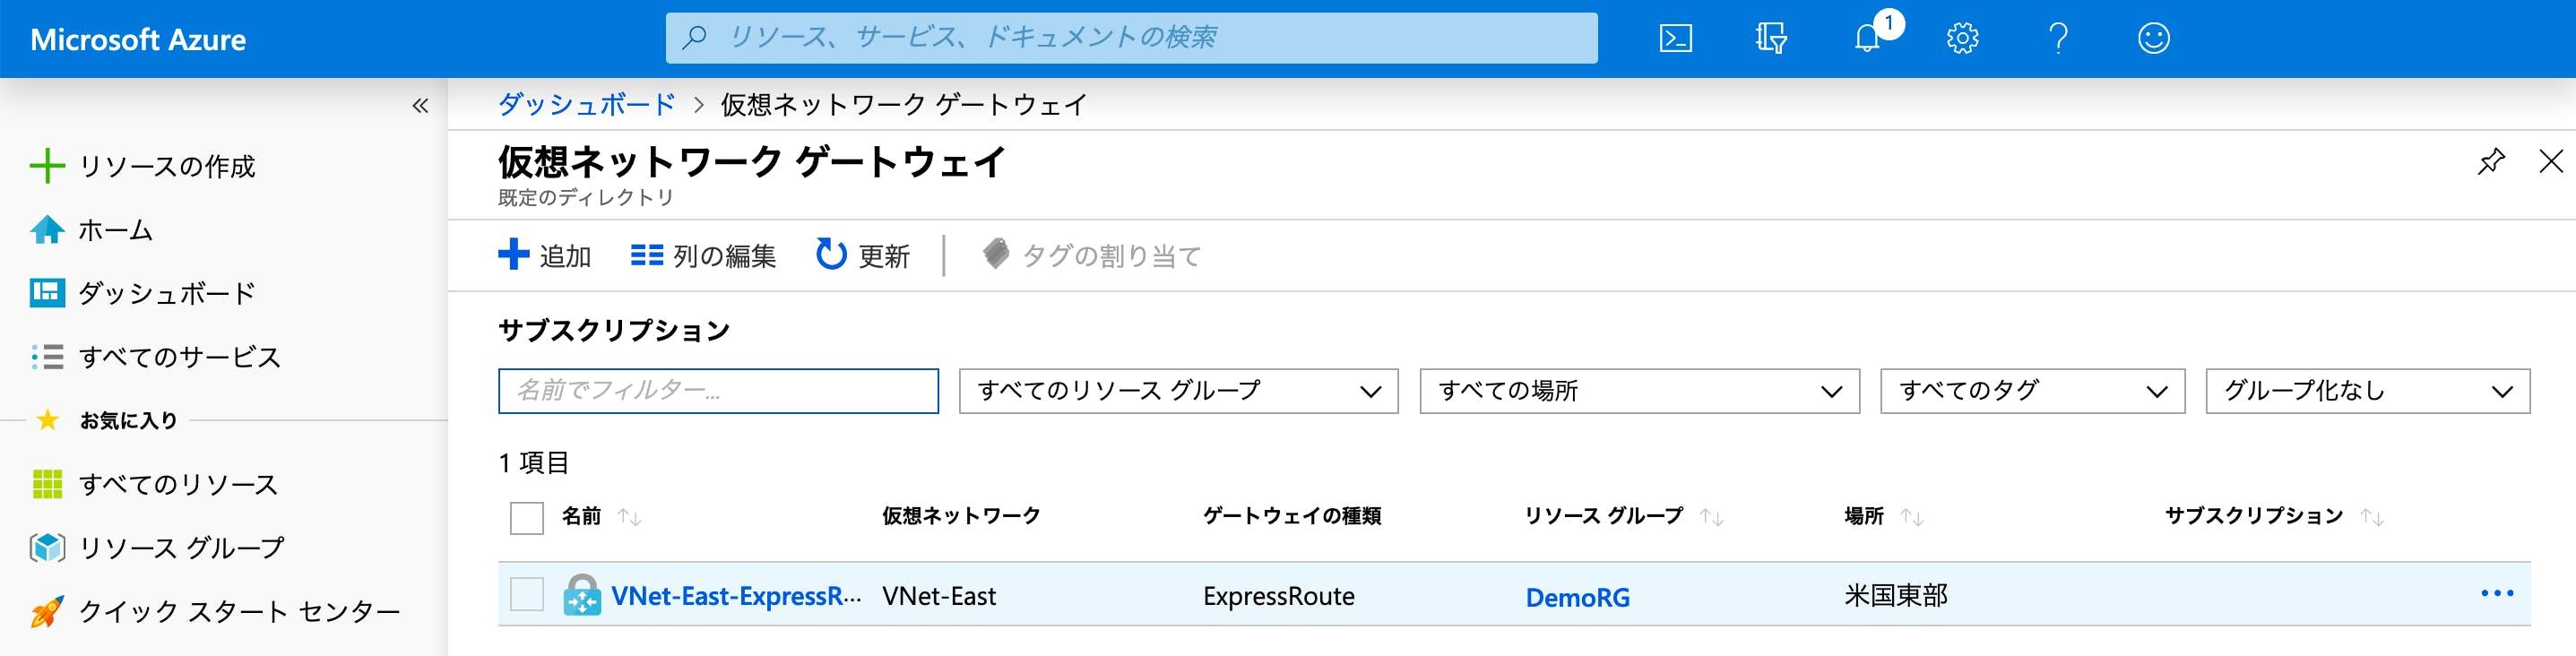 12_Azure_仮想ネットワークゲートウェイ05.png